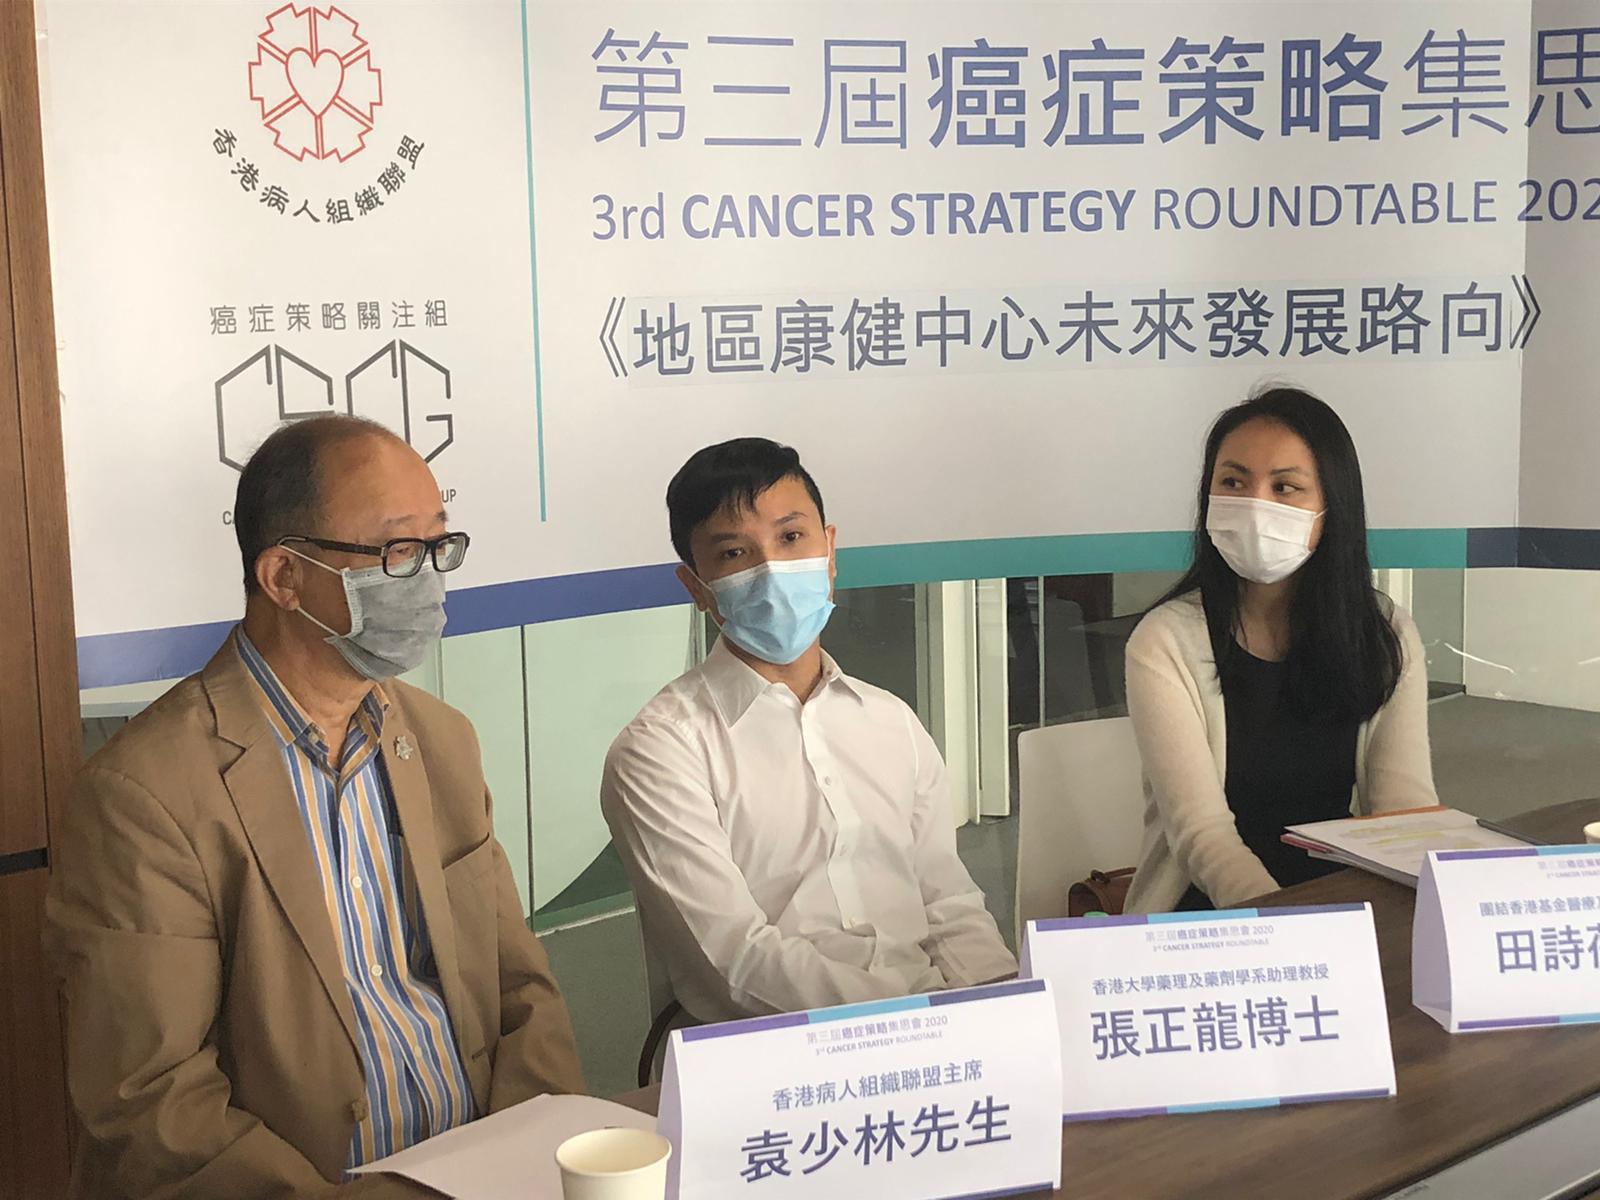 香港大學藥理及藥劑學系助理教授張正龍博士認為基層醫療較多側重於三高及糖尿病,忽視了其他同樣常見的慢性疾病。